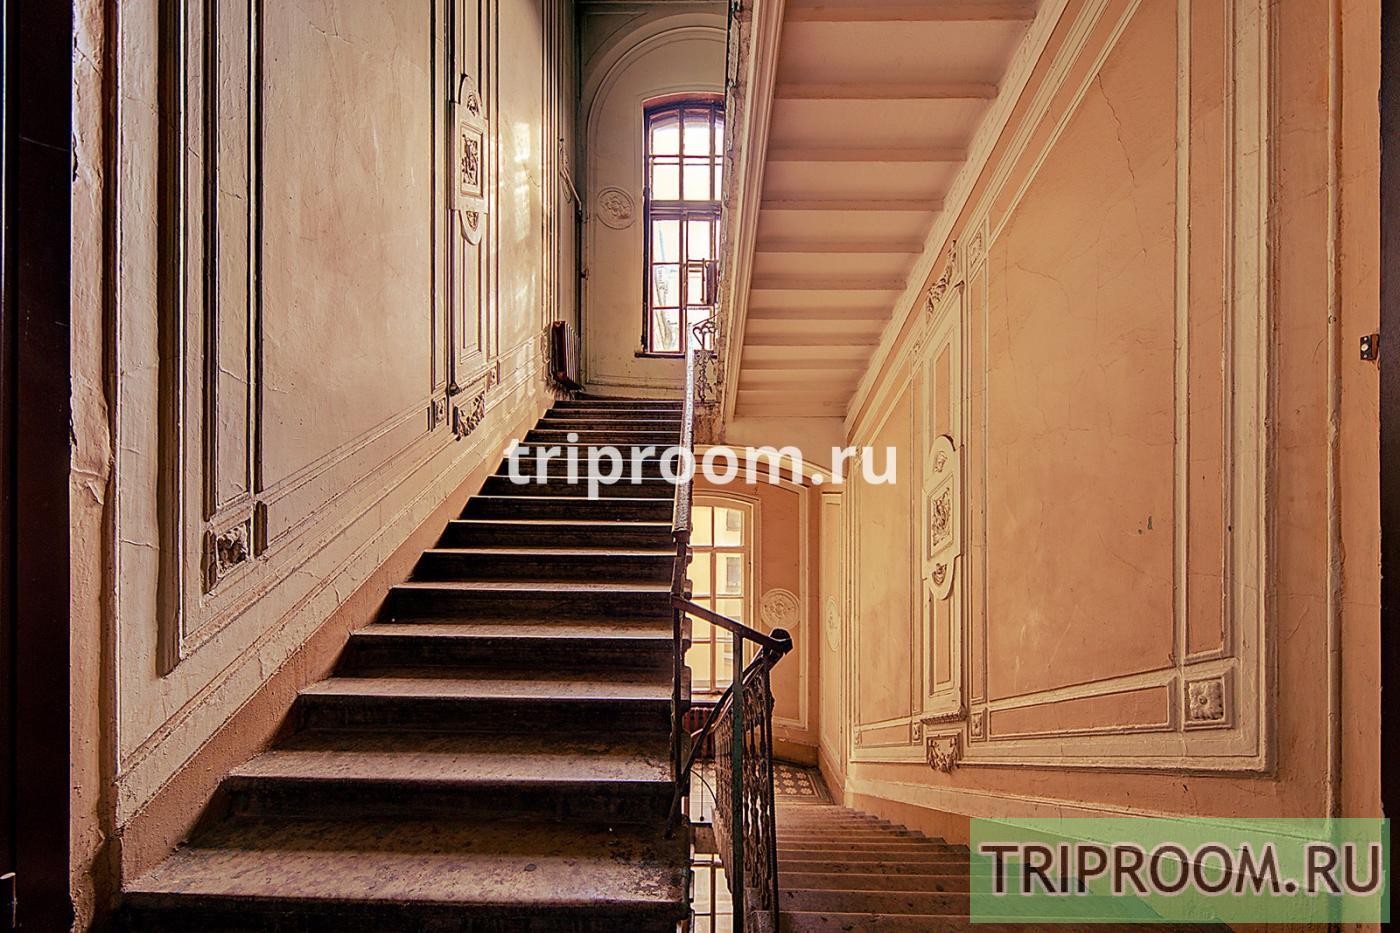 1-комнатная квартира посуточно (вариант № 15424), ул. Итальянская улица, фото № 12